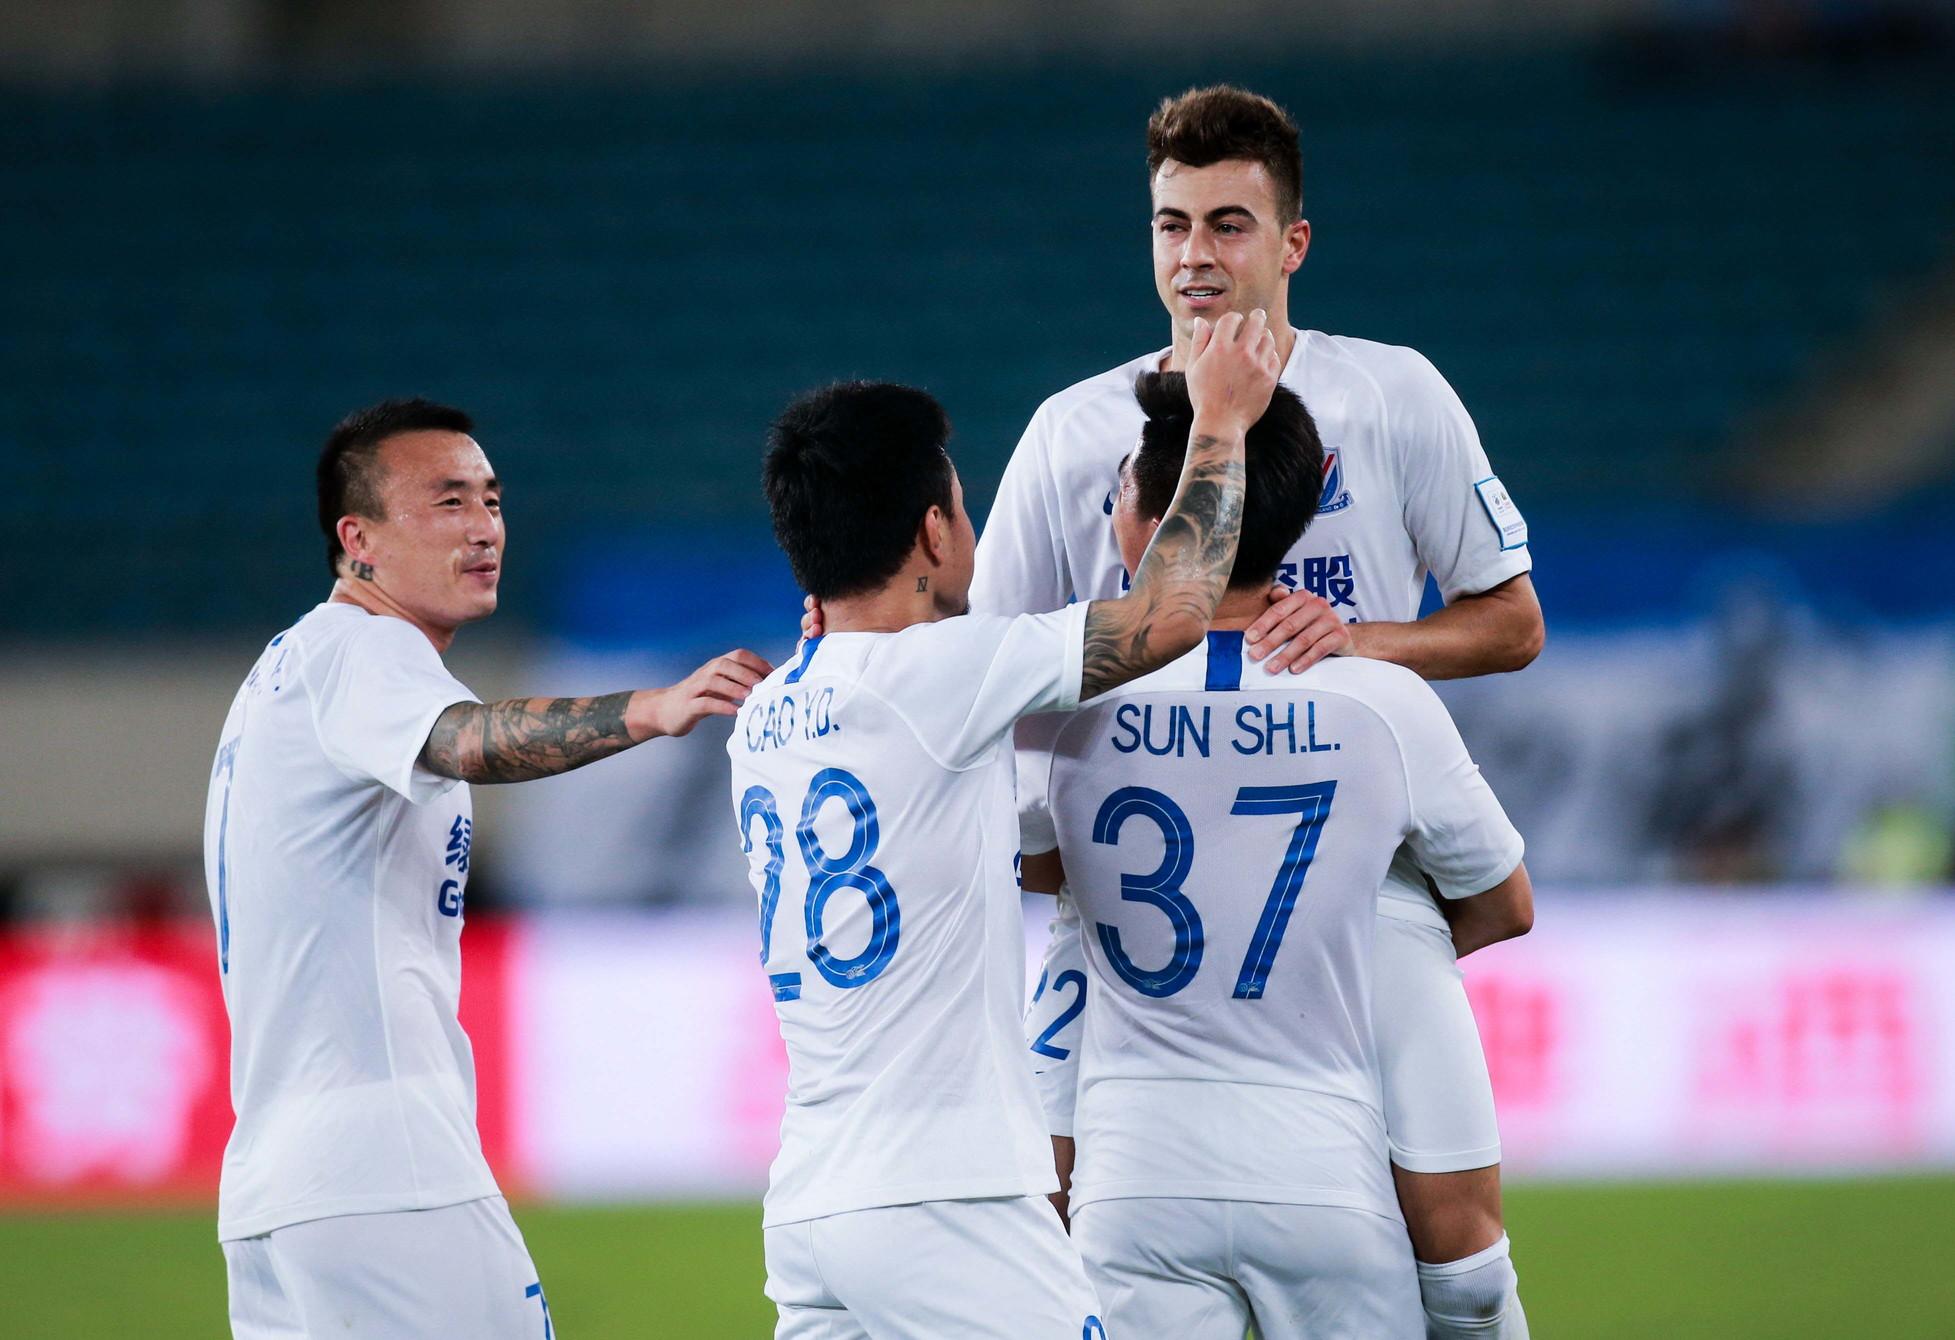 Stephan El Shaarawy mattatore allo Shanghai Shenua. L'ex attaccante della Roma, dopo la rete e l'assist all'esordio contro il Tianjin Tian...